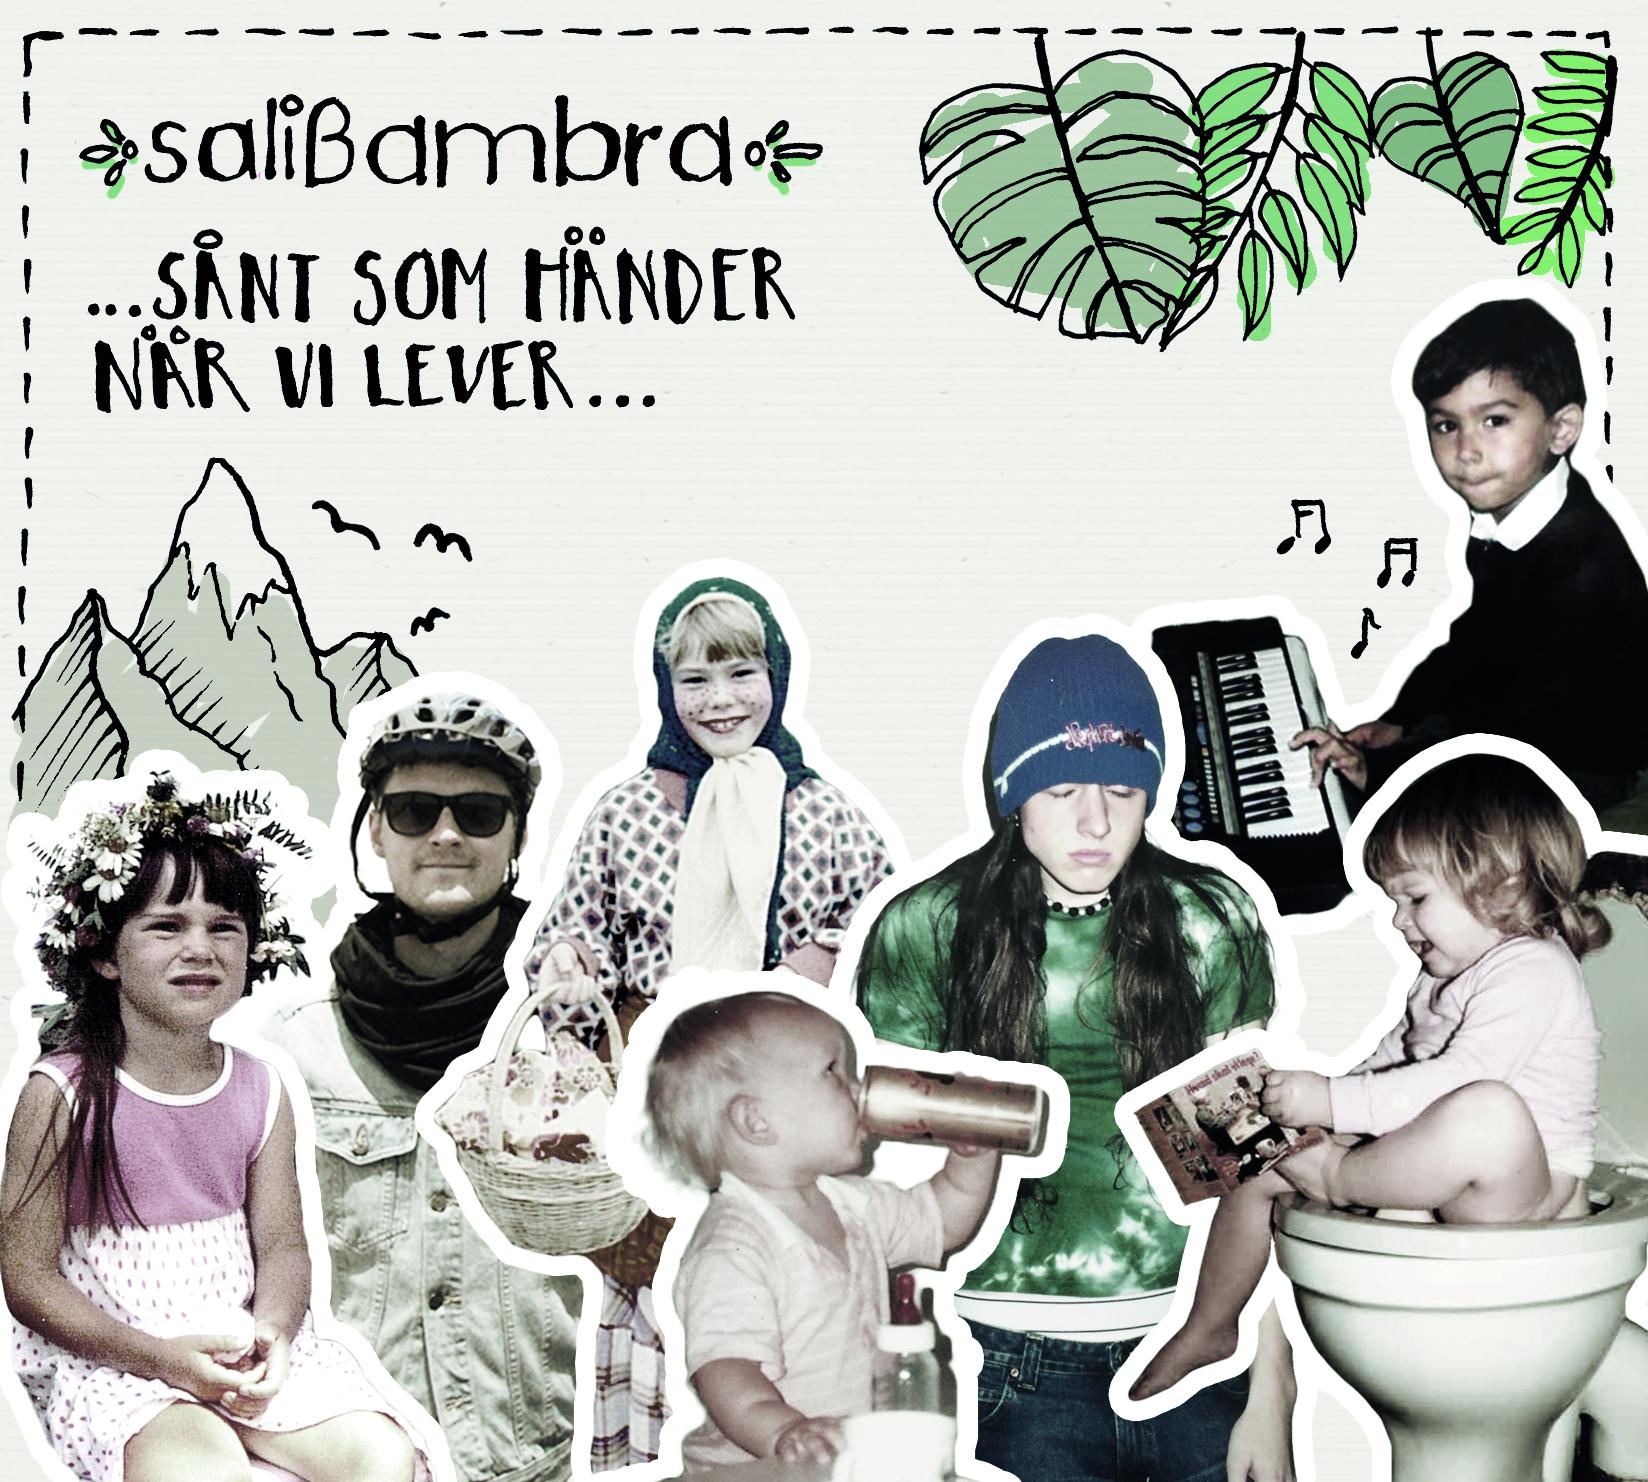 Salibambra - Sånt som händer när vi lever